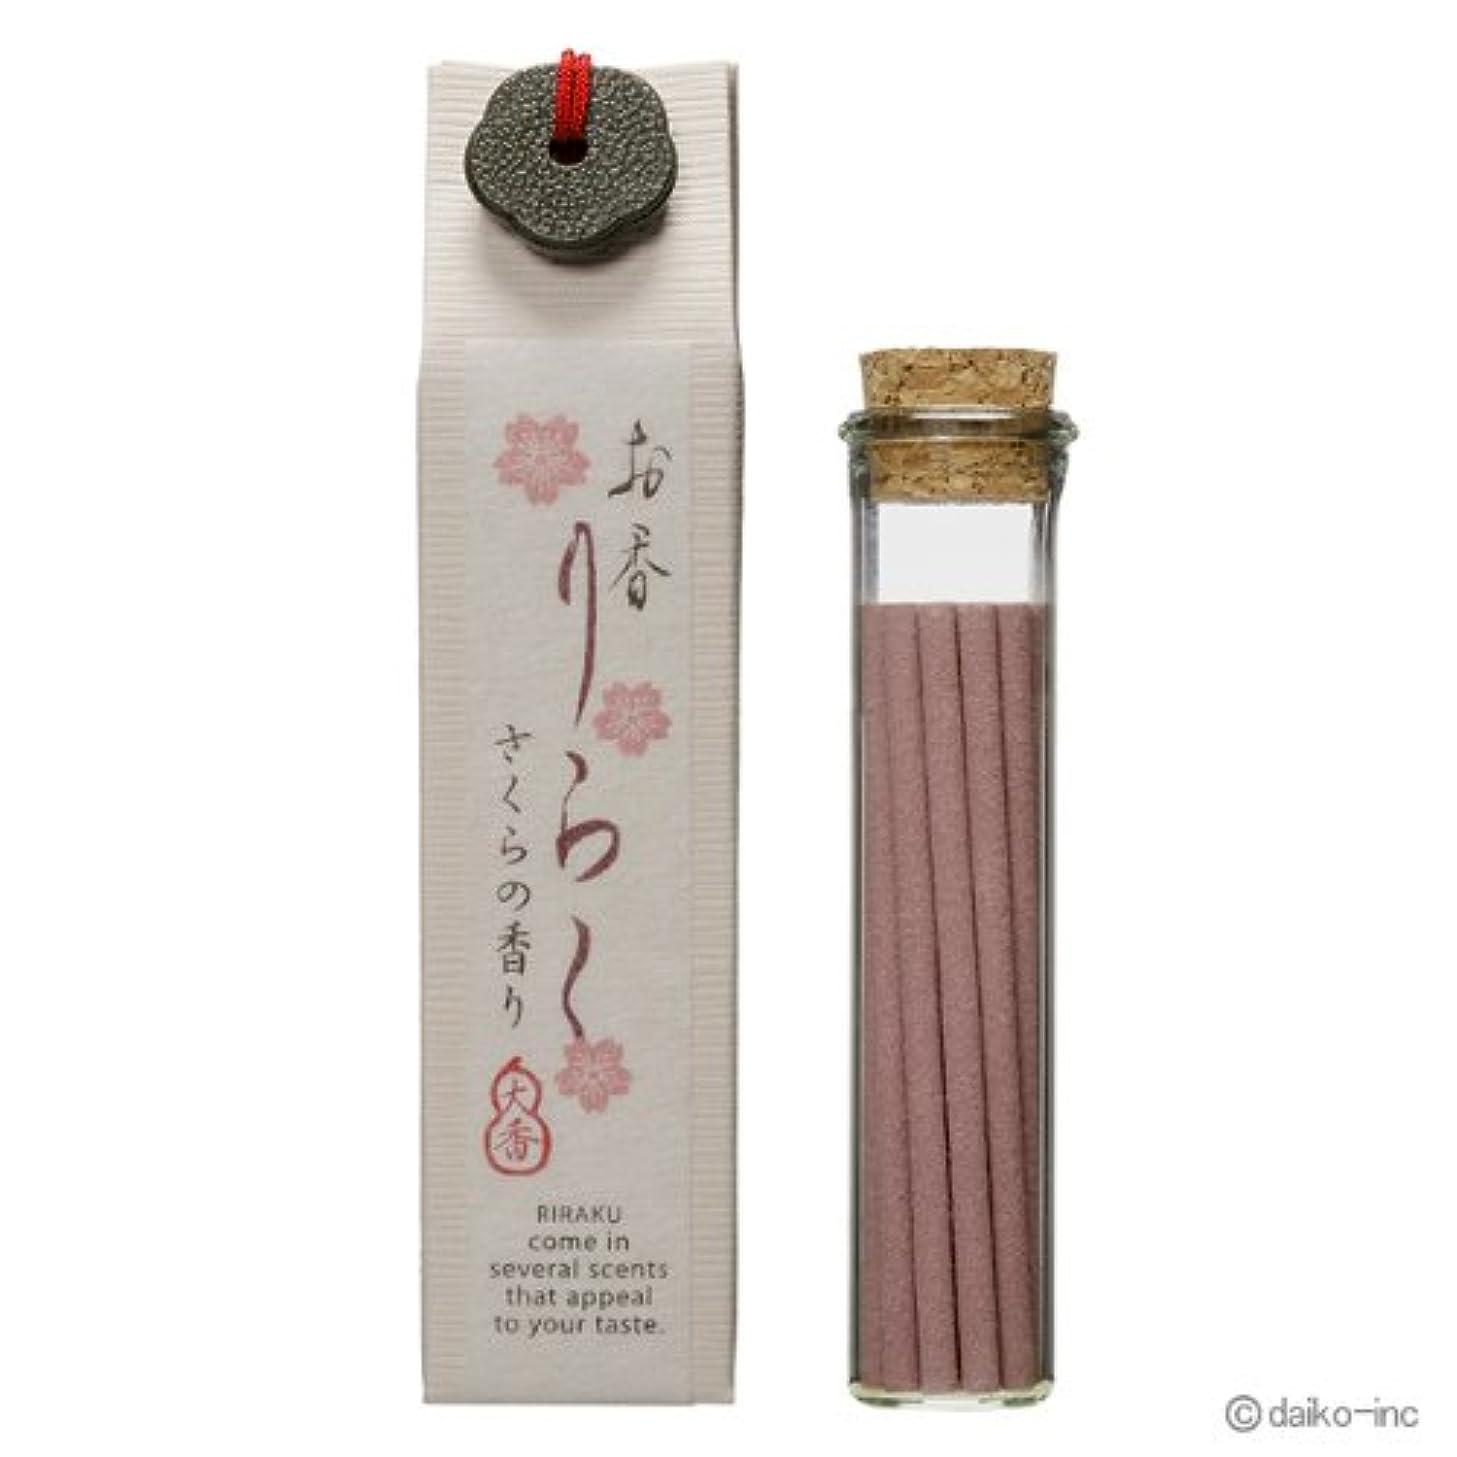 お香りらく さくら お香15本入 6個セット